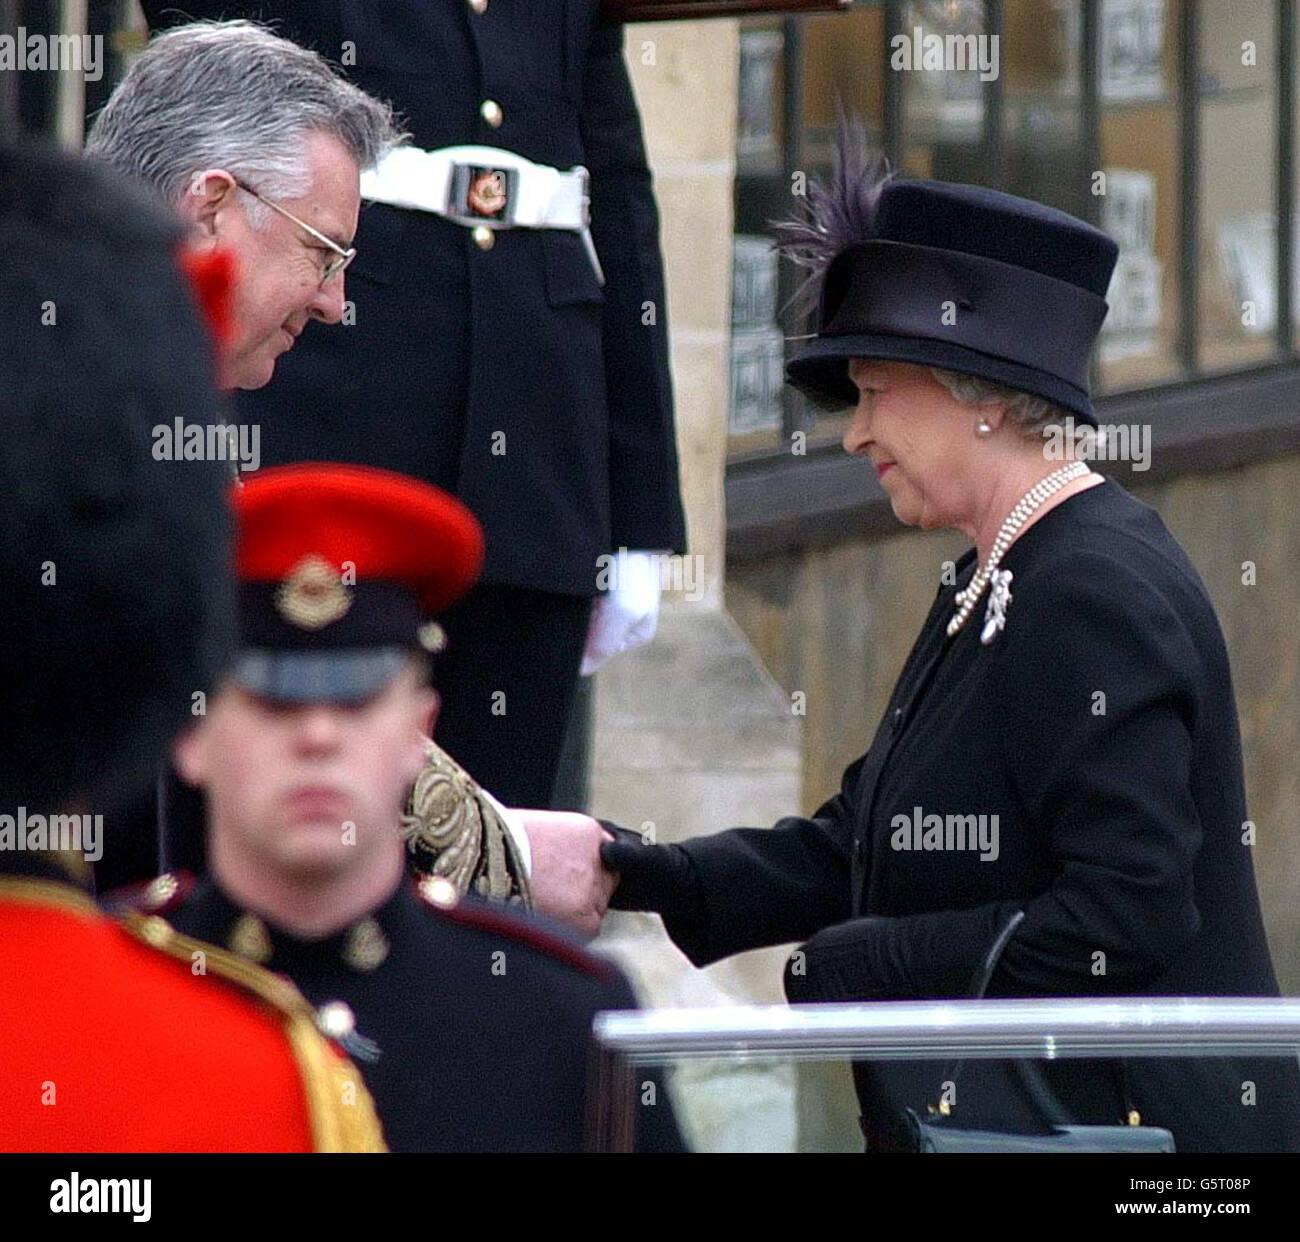 El Funeral De La Reina Madre La Reina Isabel Ii Fotografia De Stock Alamy